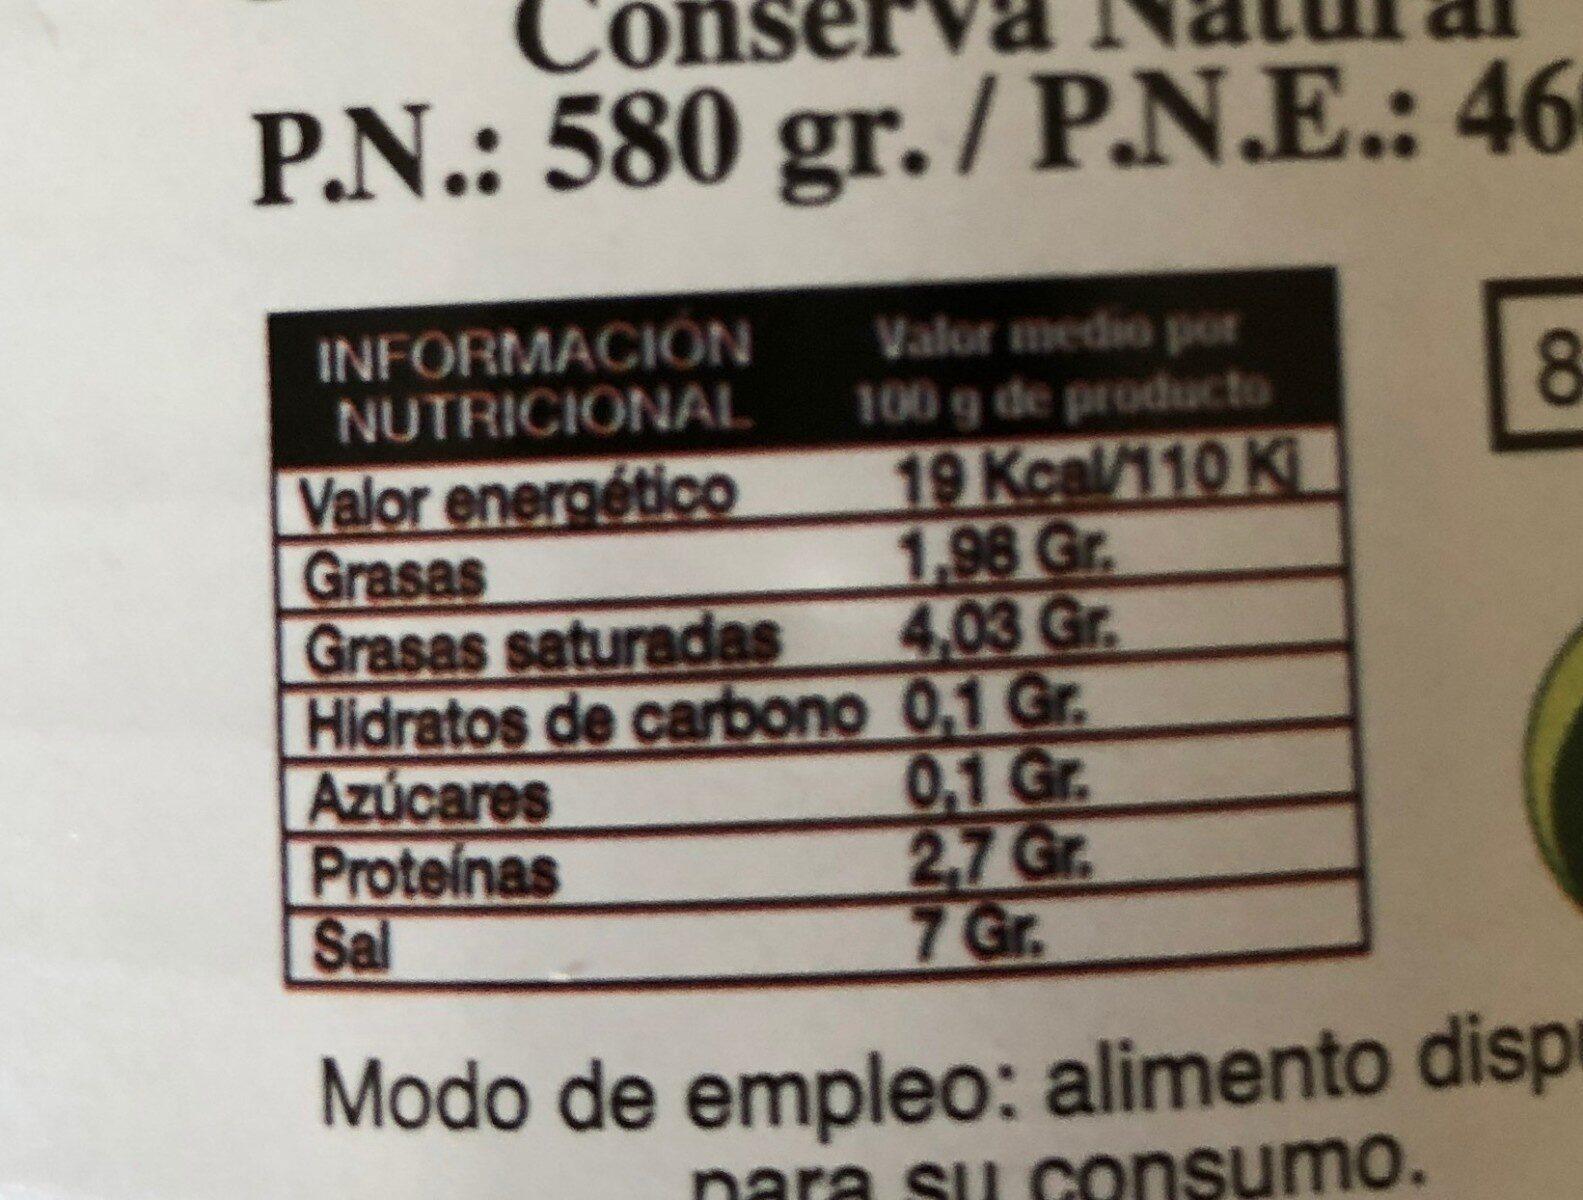 Grelos al natural - Información nutricional - es